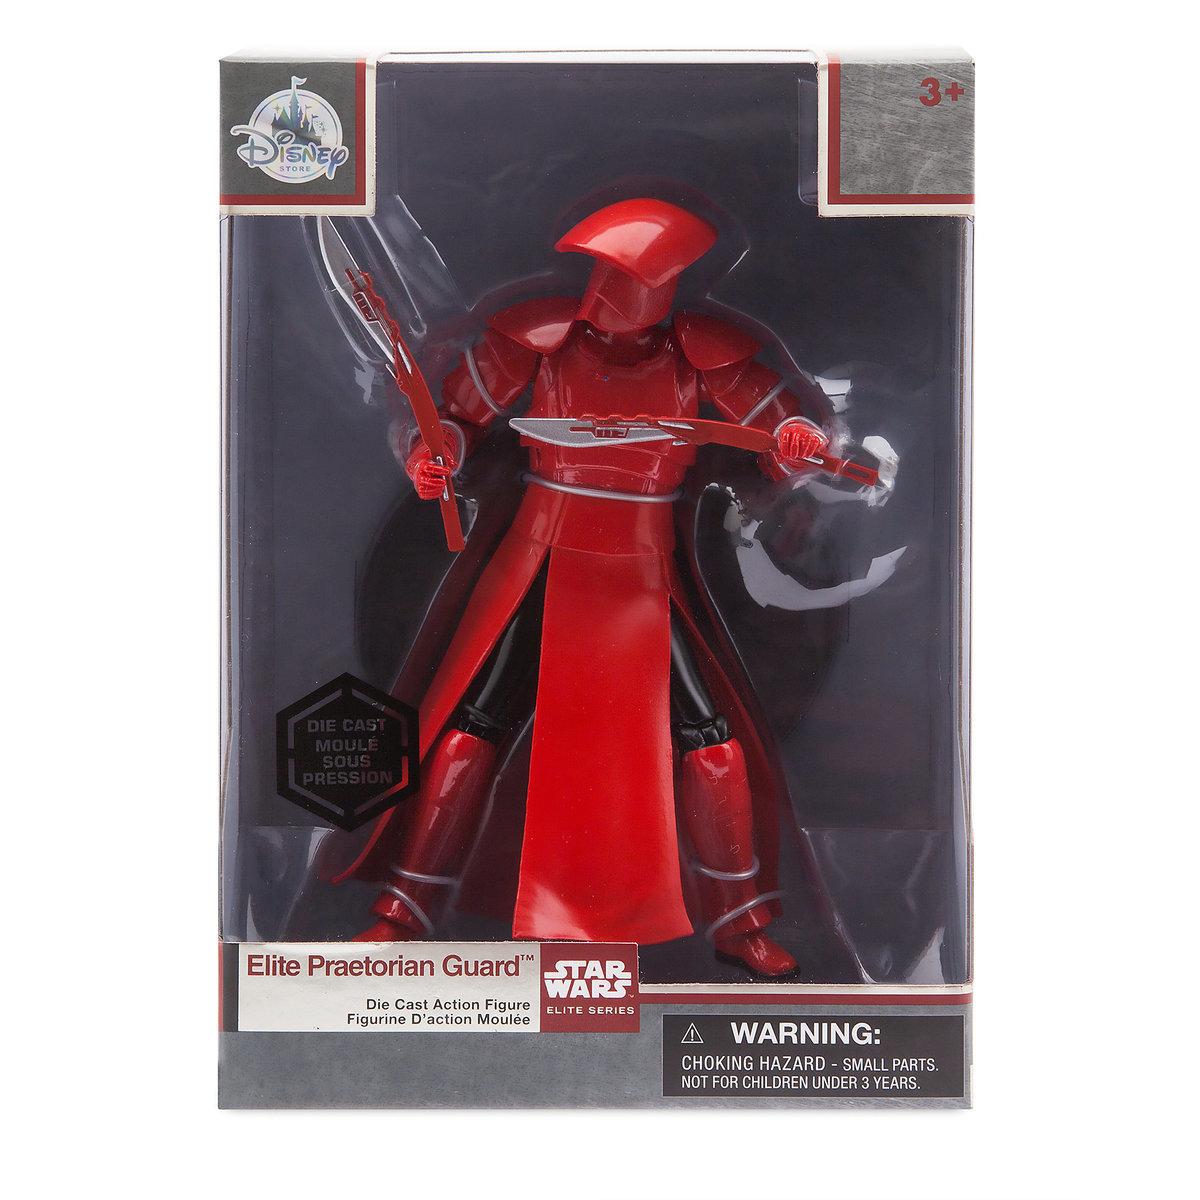 TLJ ES DC Praetorian Guard Figure 1